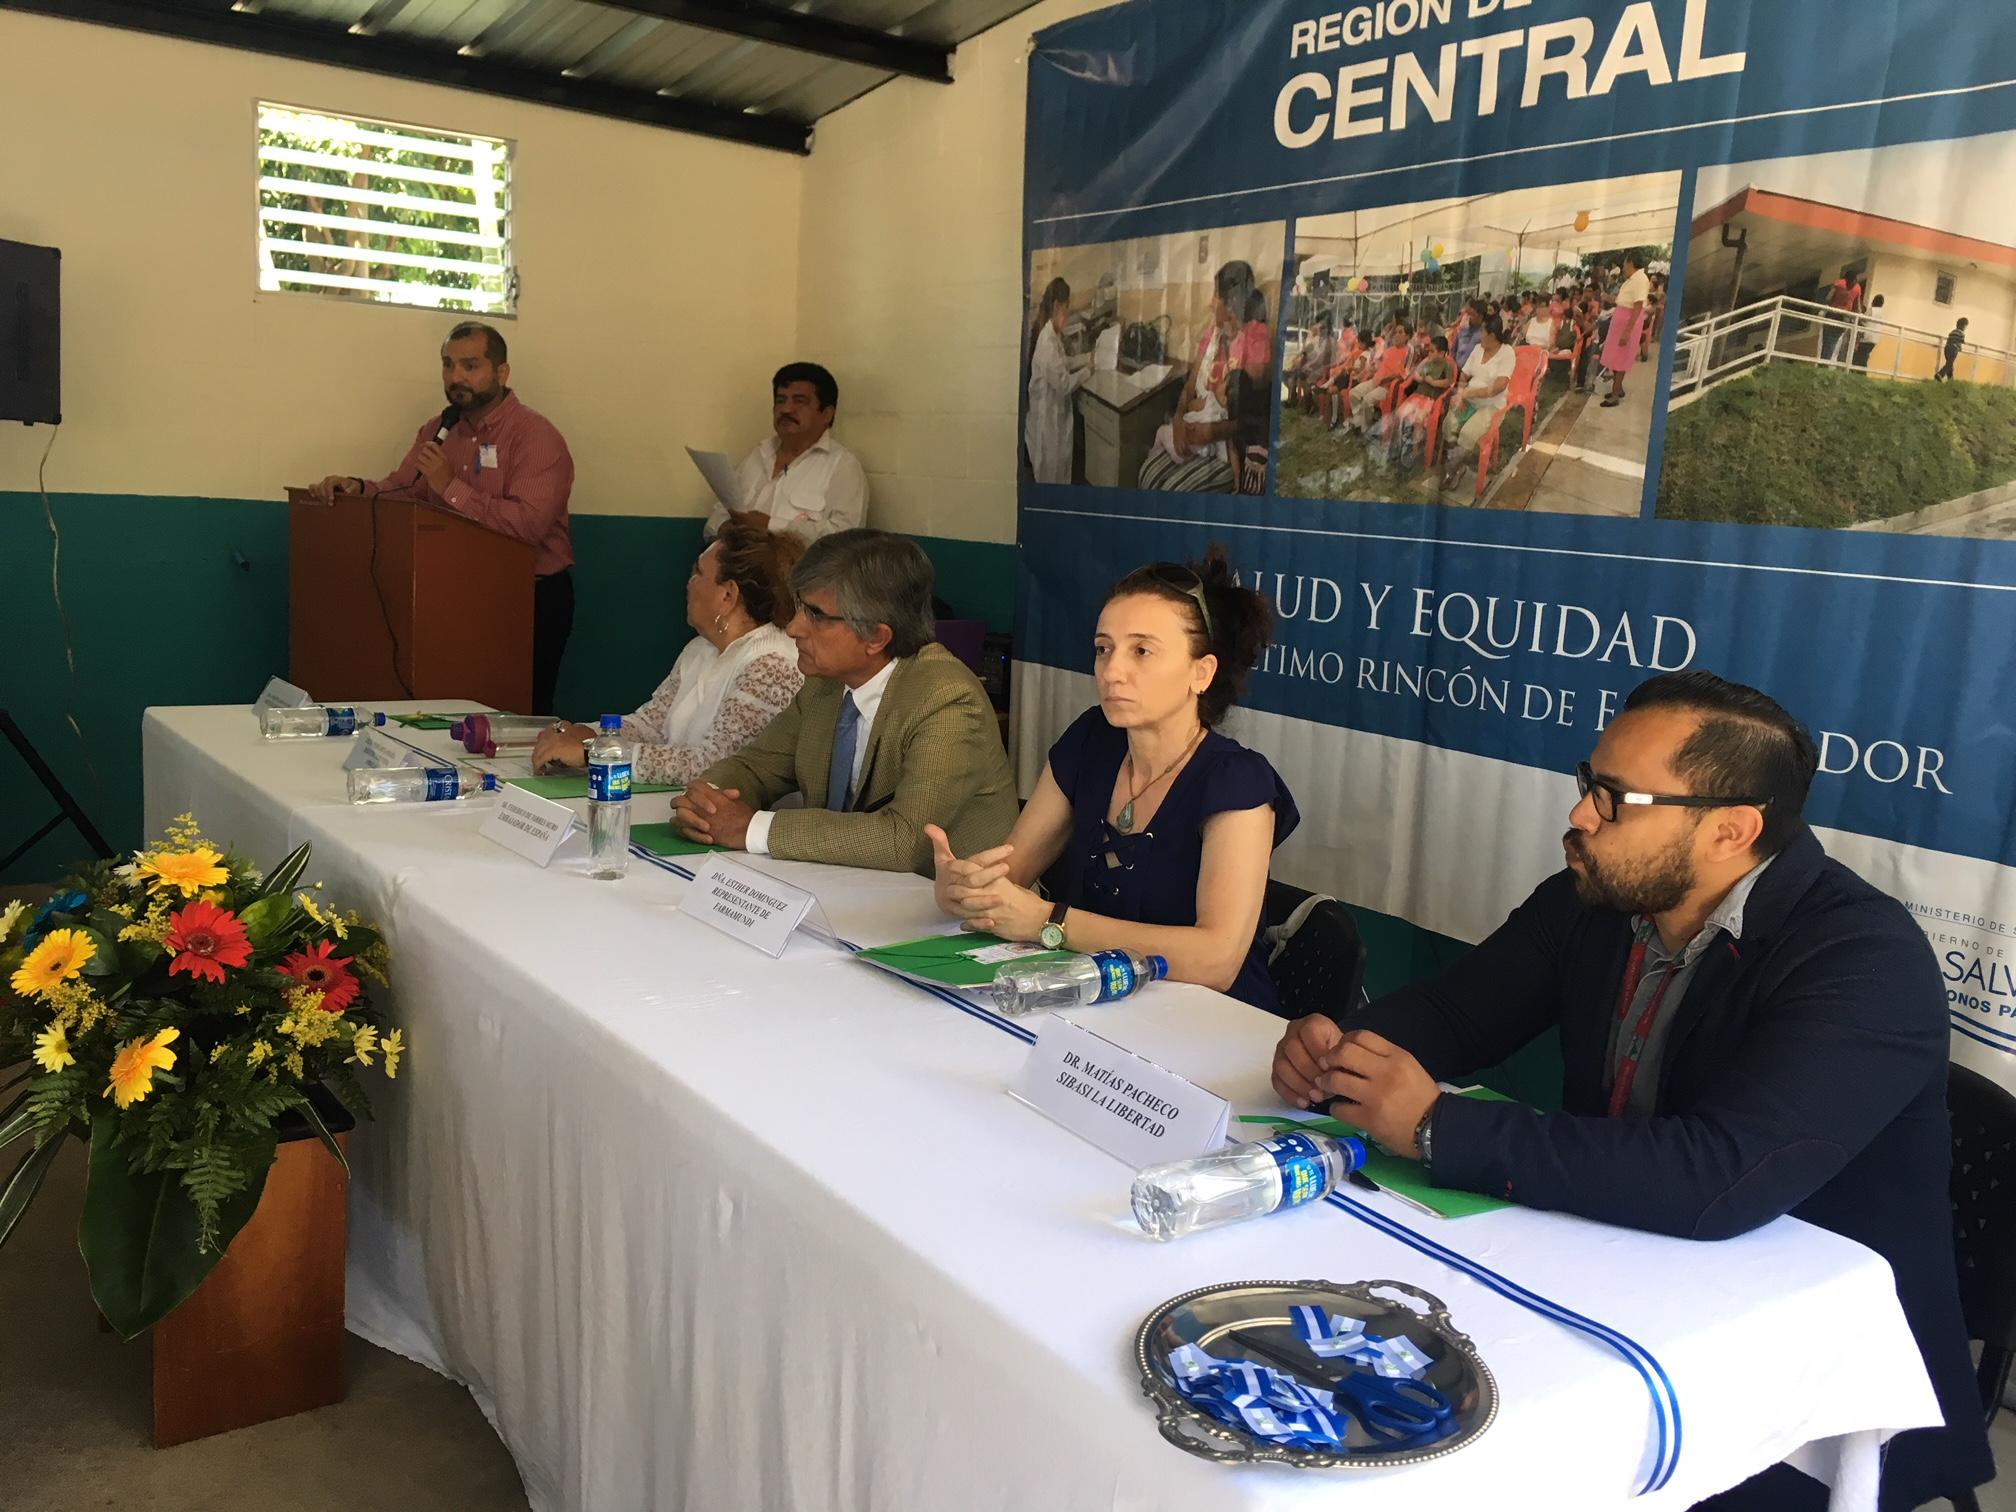 Nuevo espacio de atención integral de la adolescencia en El Salvador